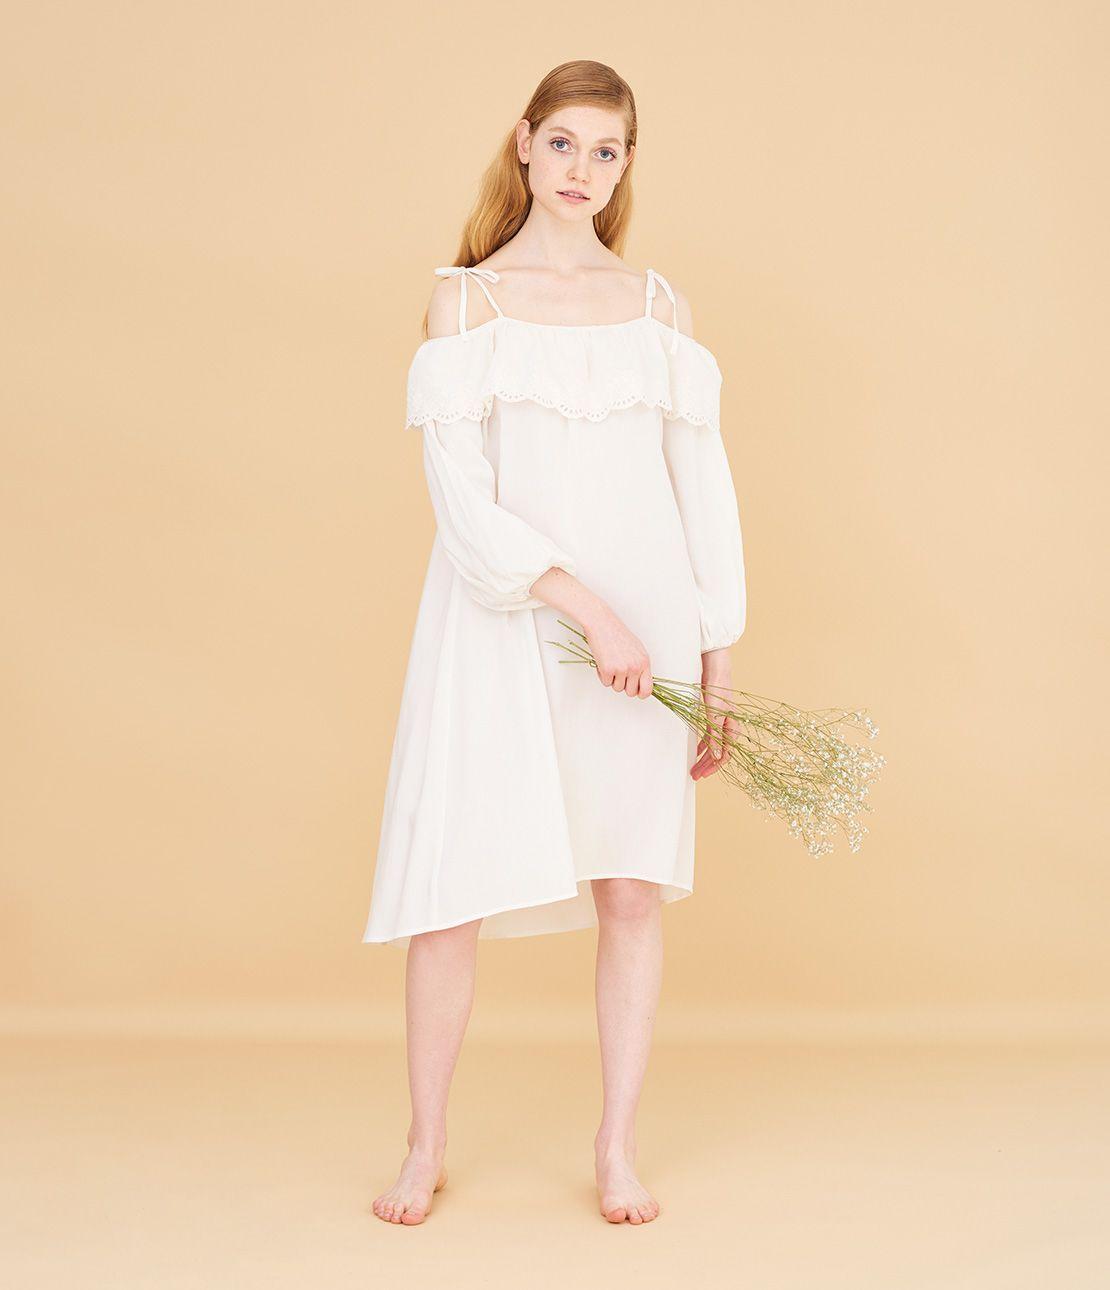 ロマンティックアイレットレースドレス